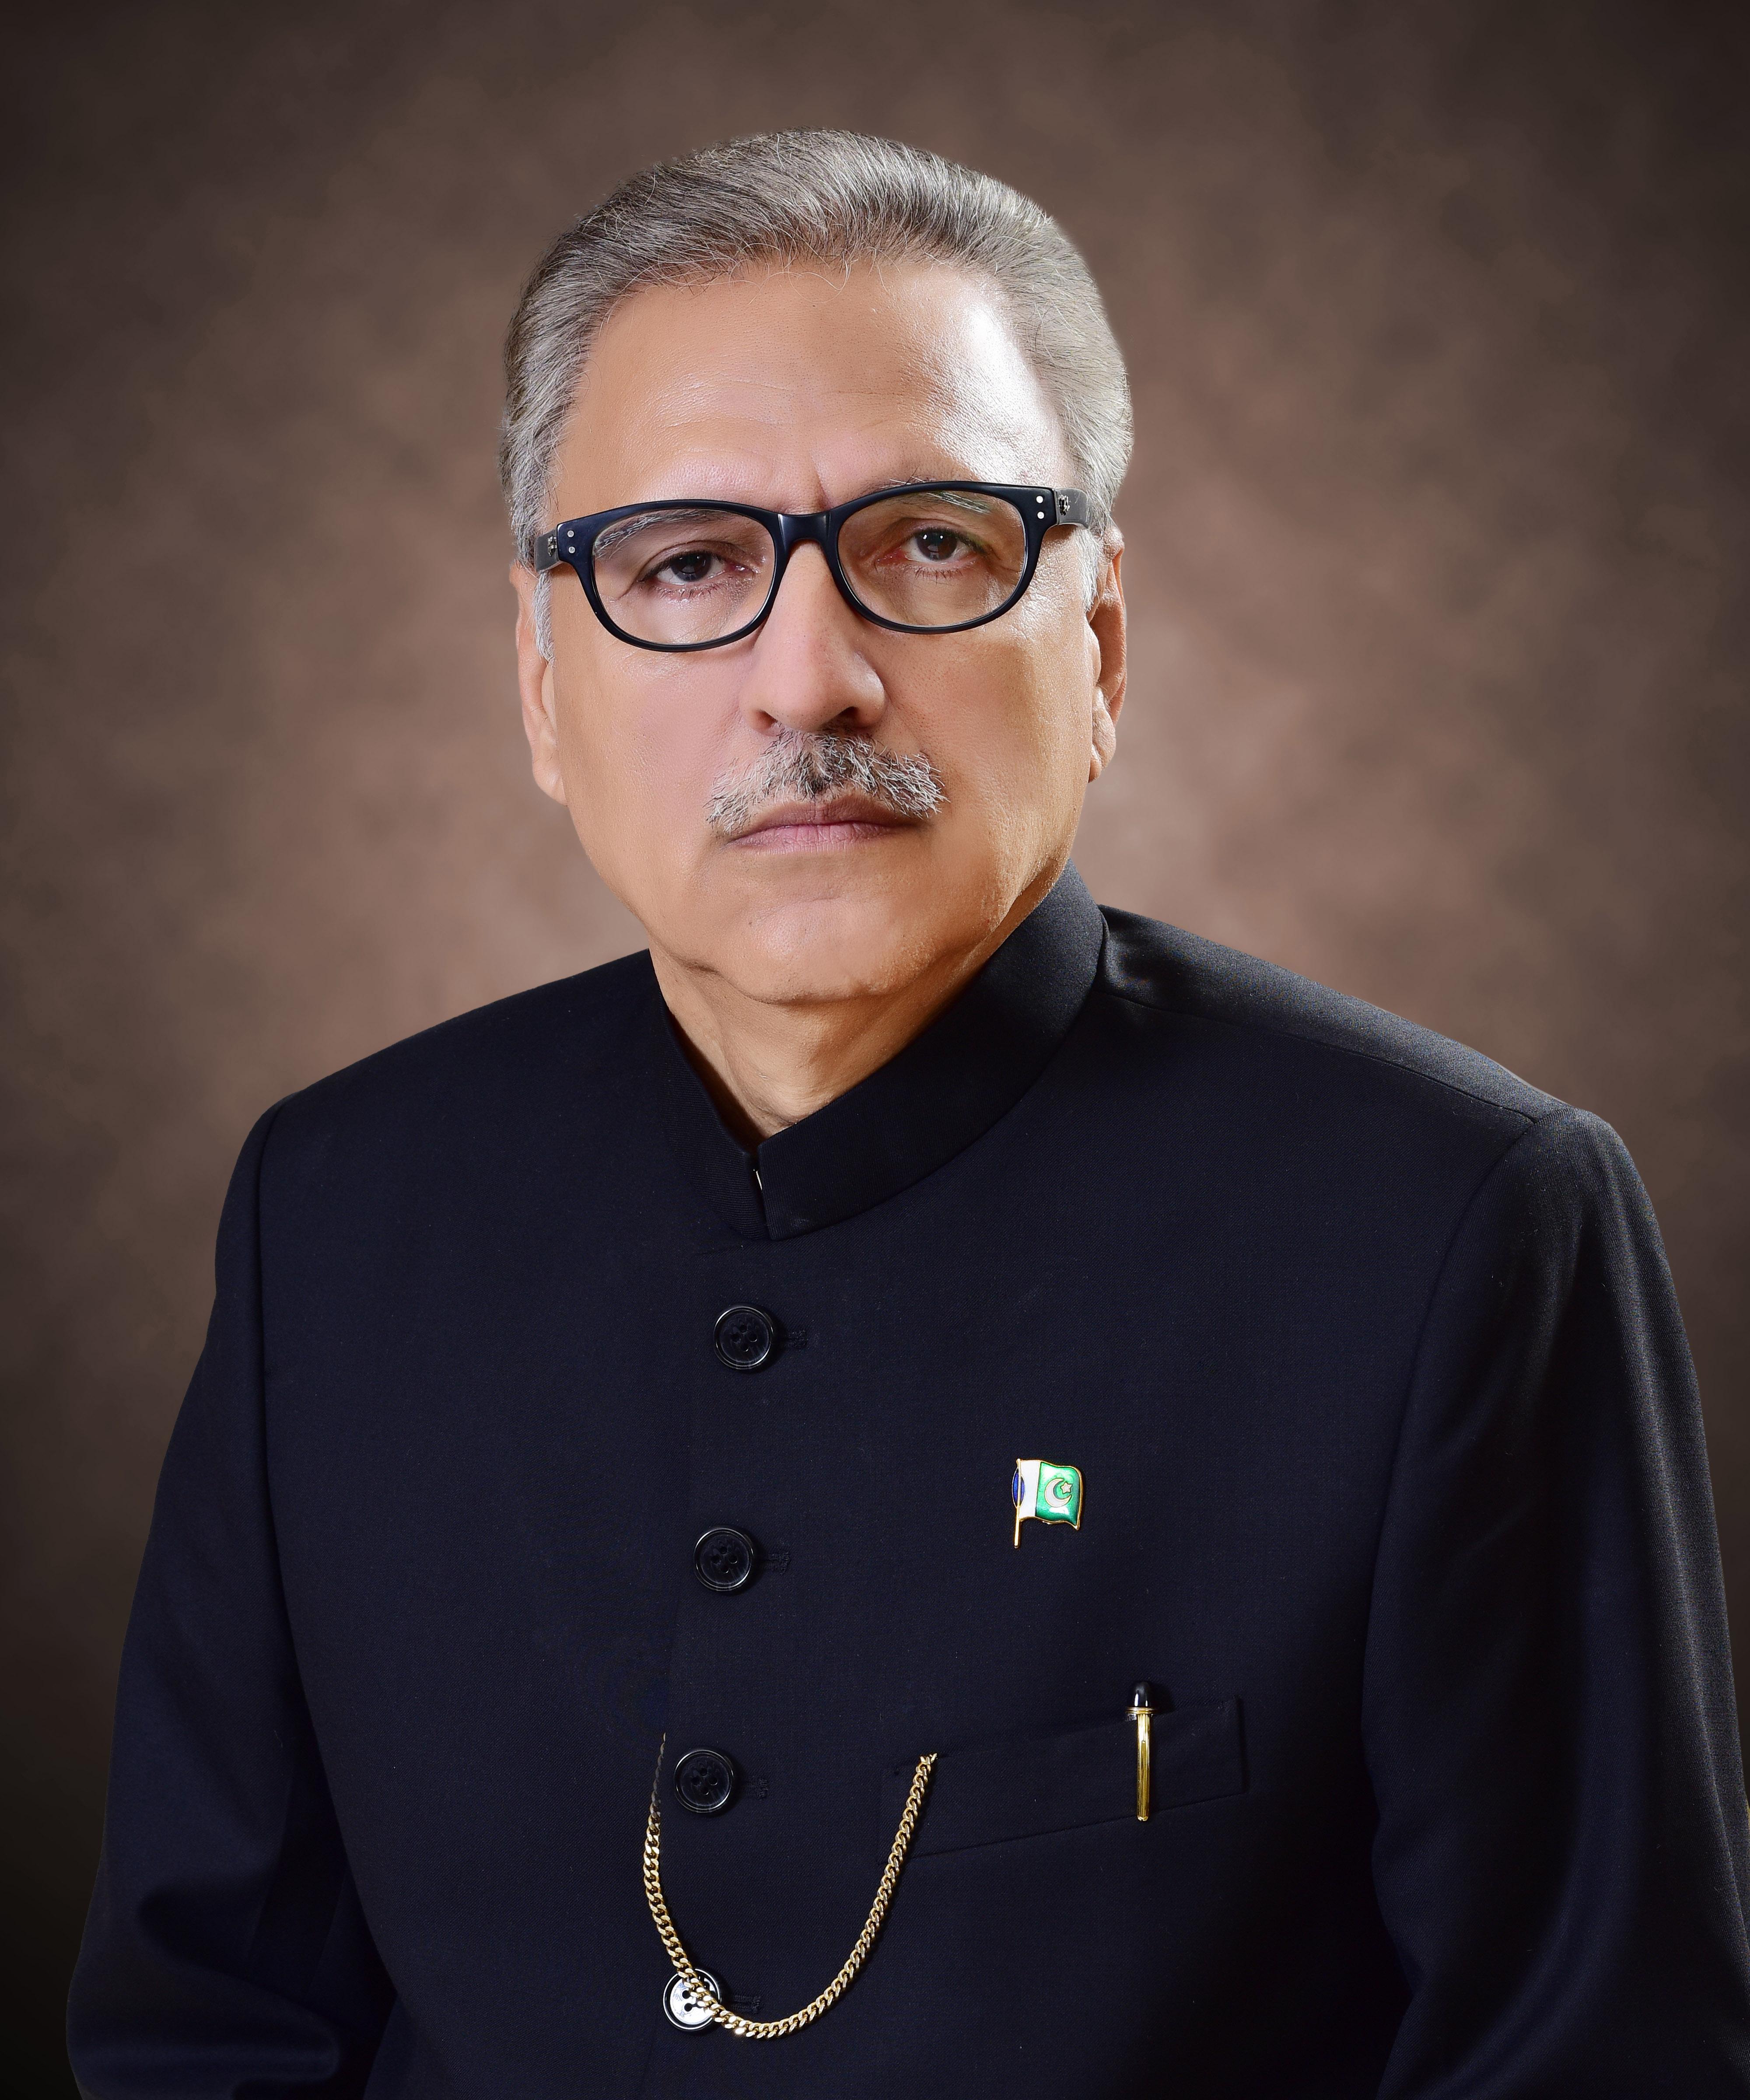 Mr. Arif Alvi